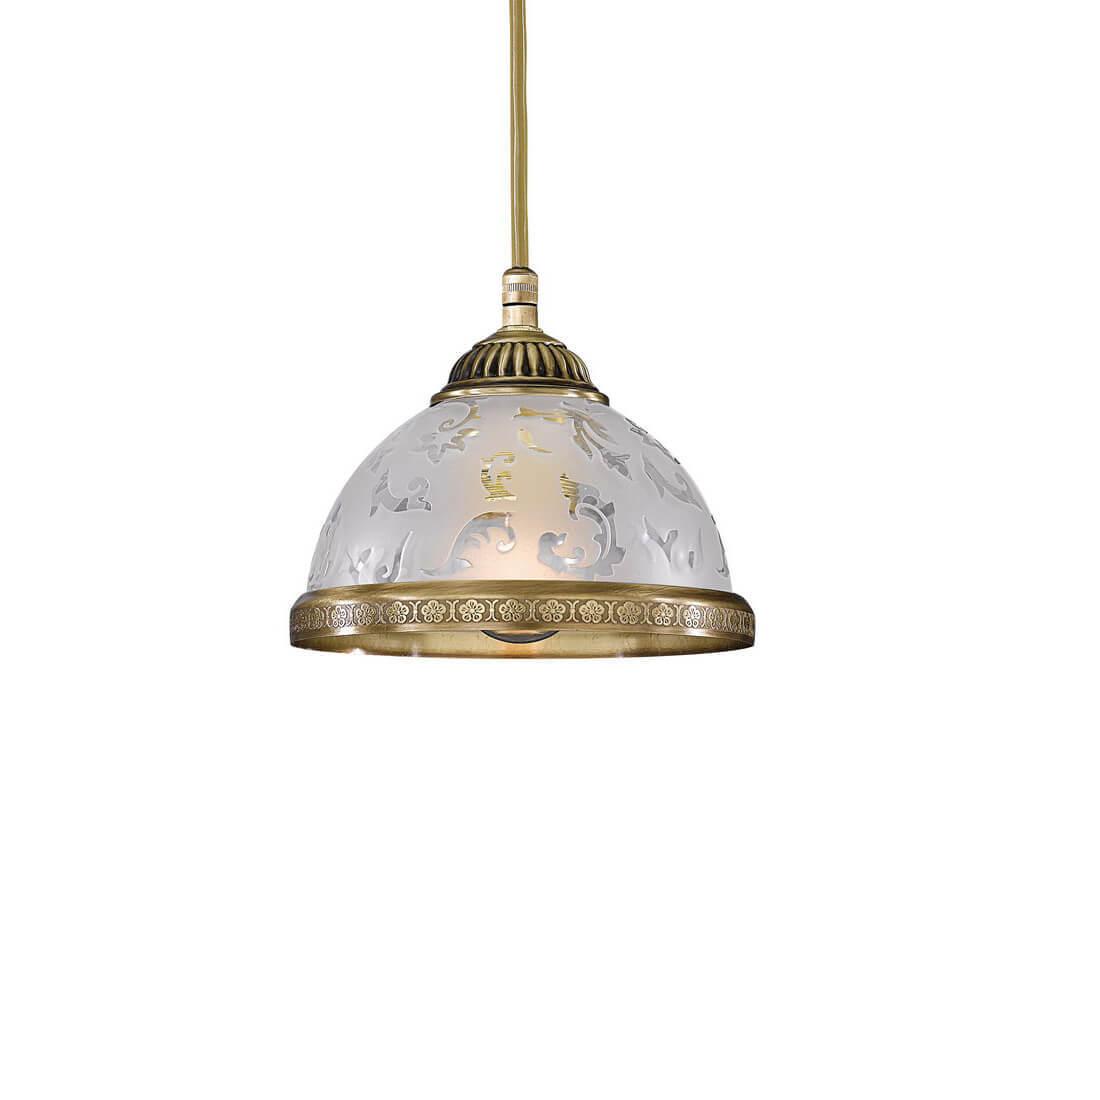 Фото Подвесной светильник Reccagni Angelo 6202 L 6202/16